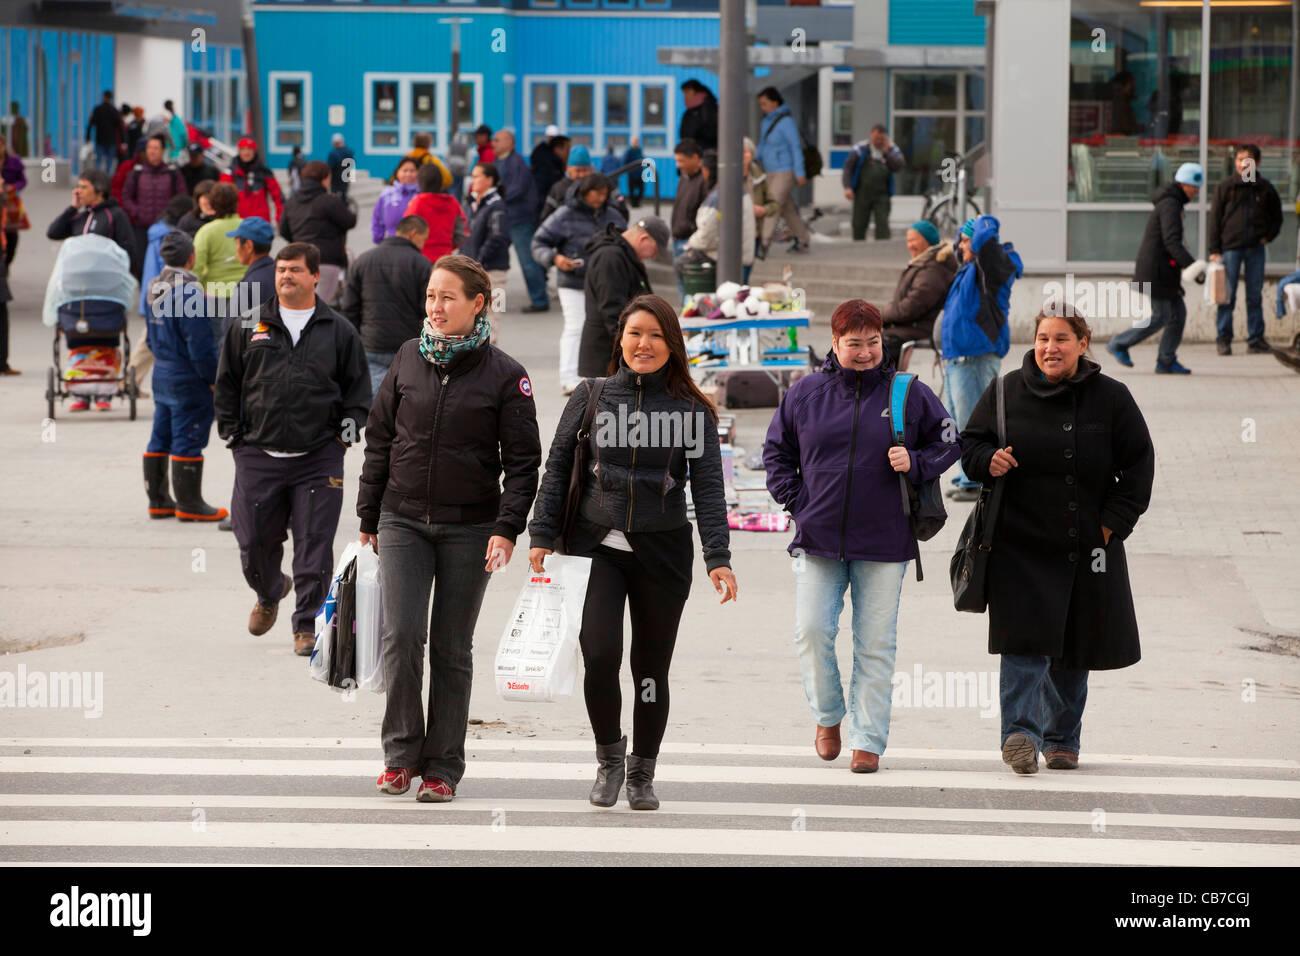 Los peatones en el centro de la ciudad de Nuuk, la capital de Groenlandia (RMN) Imagen De Stock